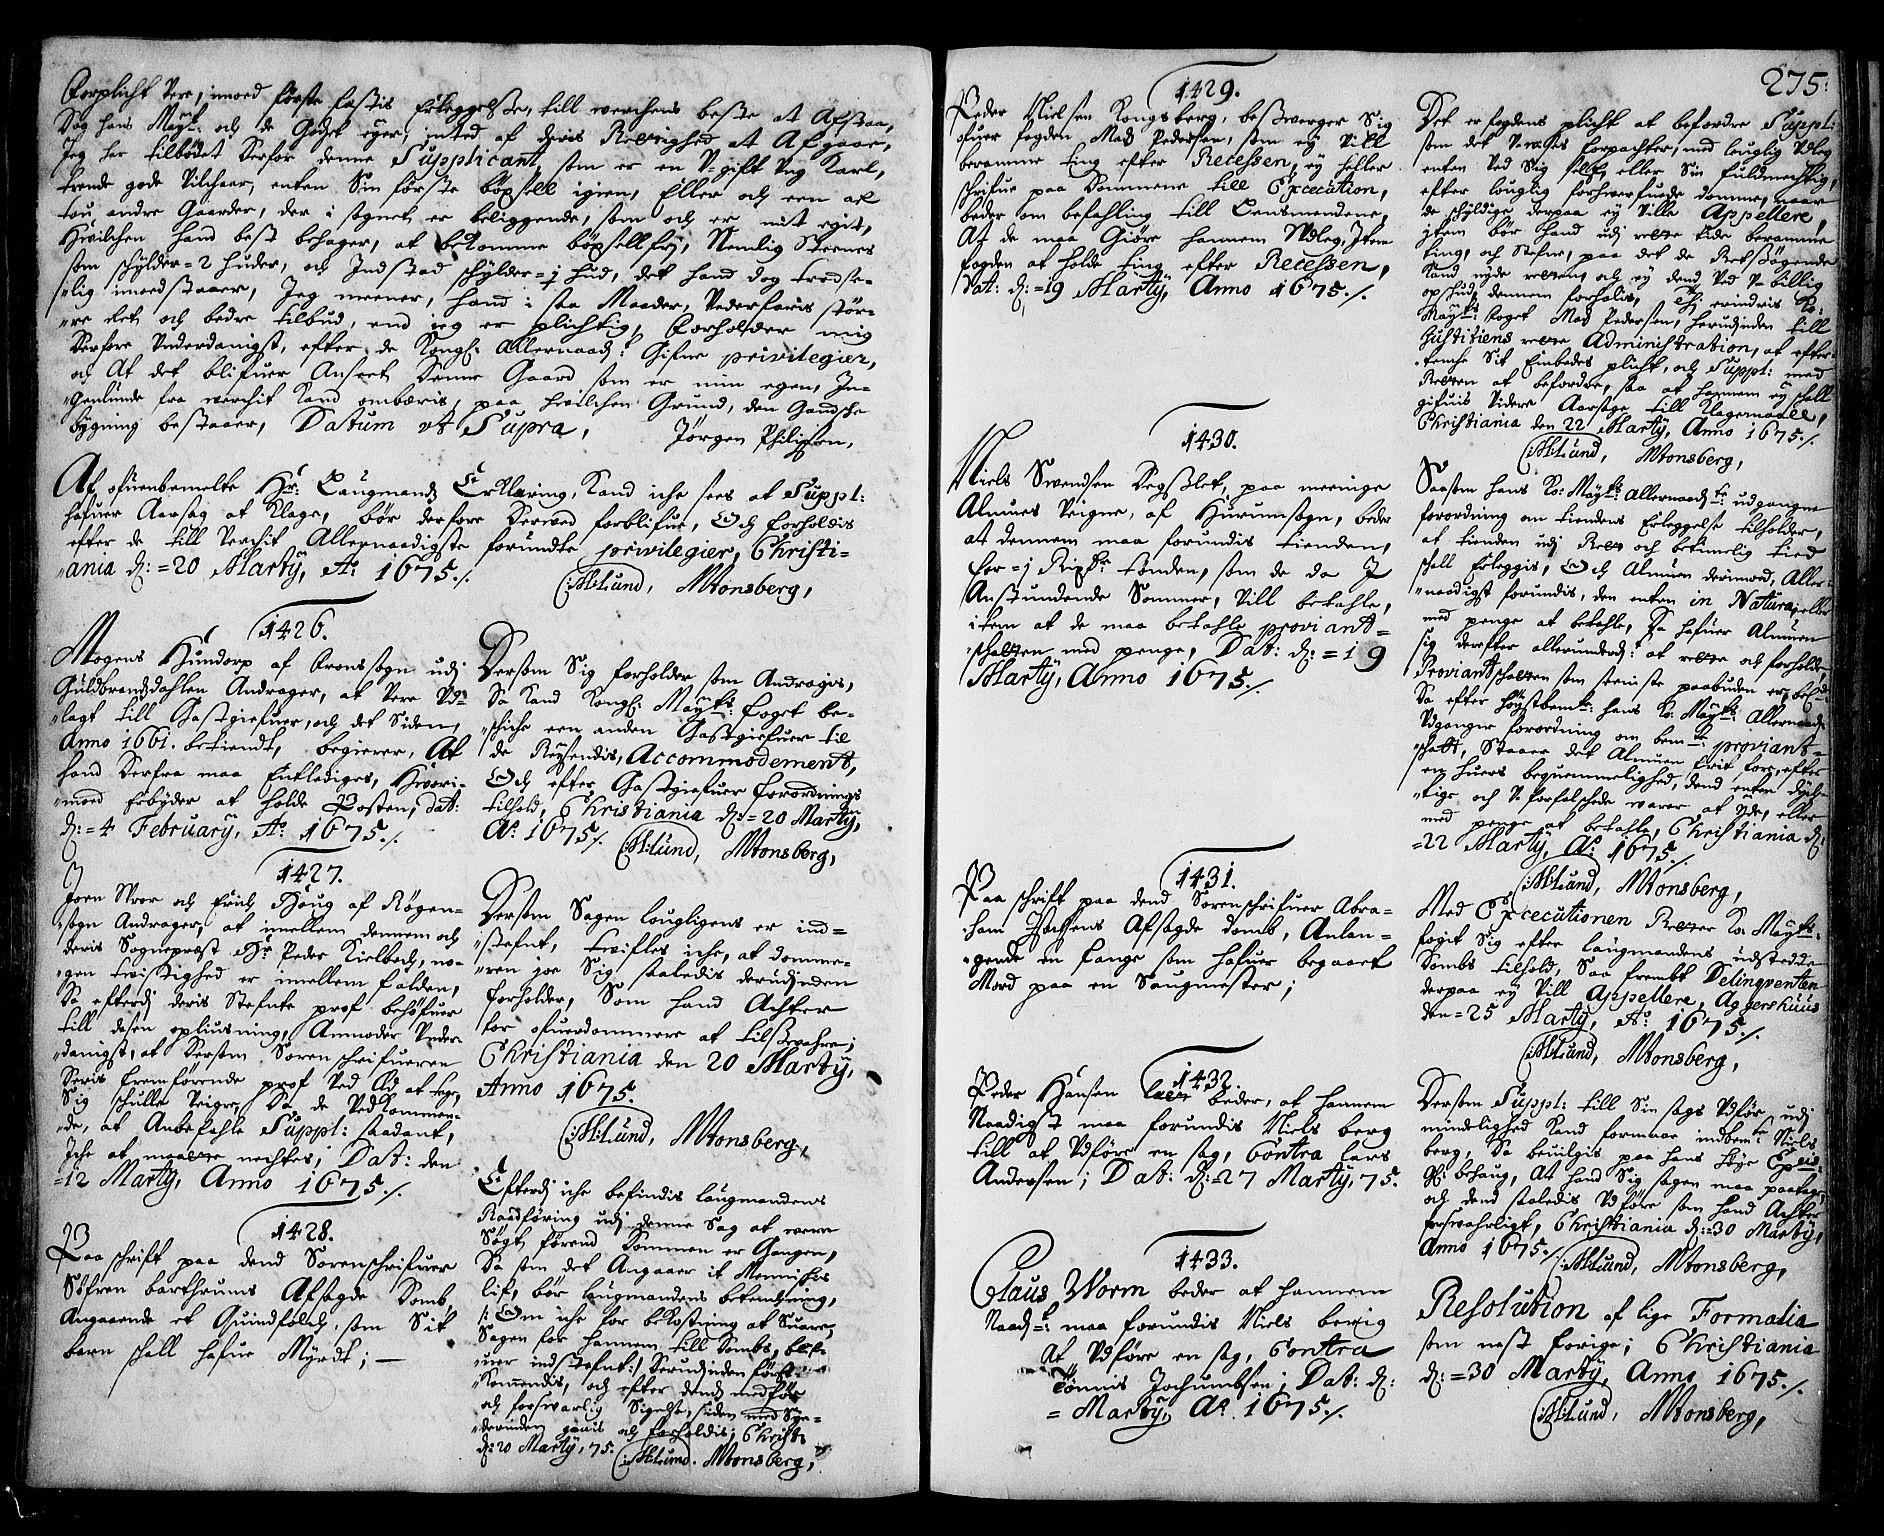 RA, Stattholderembetet 1572-1771, Ad/L0003: Supplikasjons- og resolusjonsprotokoll, 1671-1682, s. 274b-275a